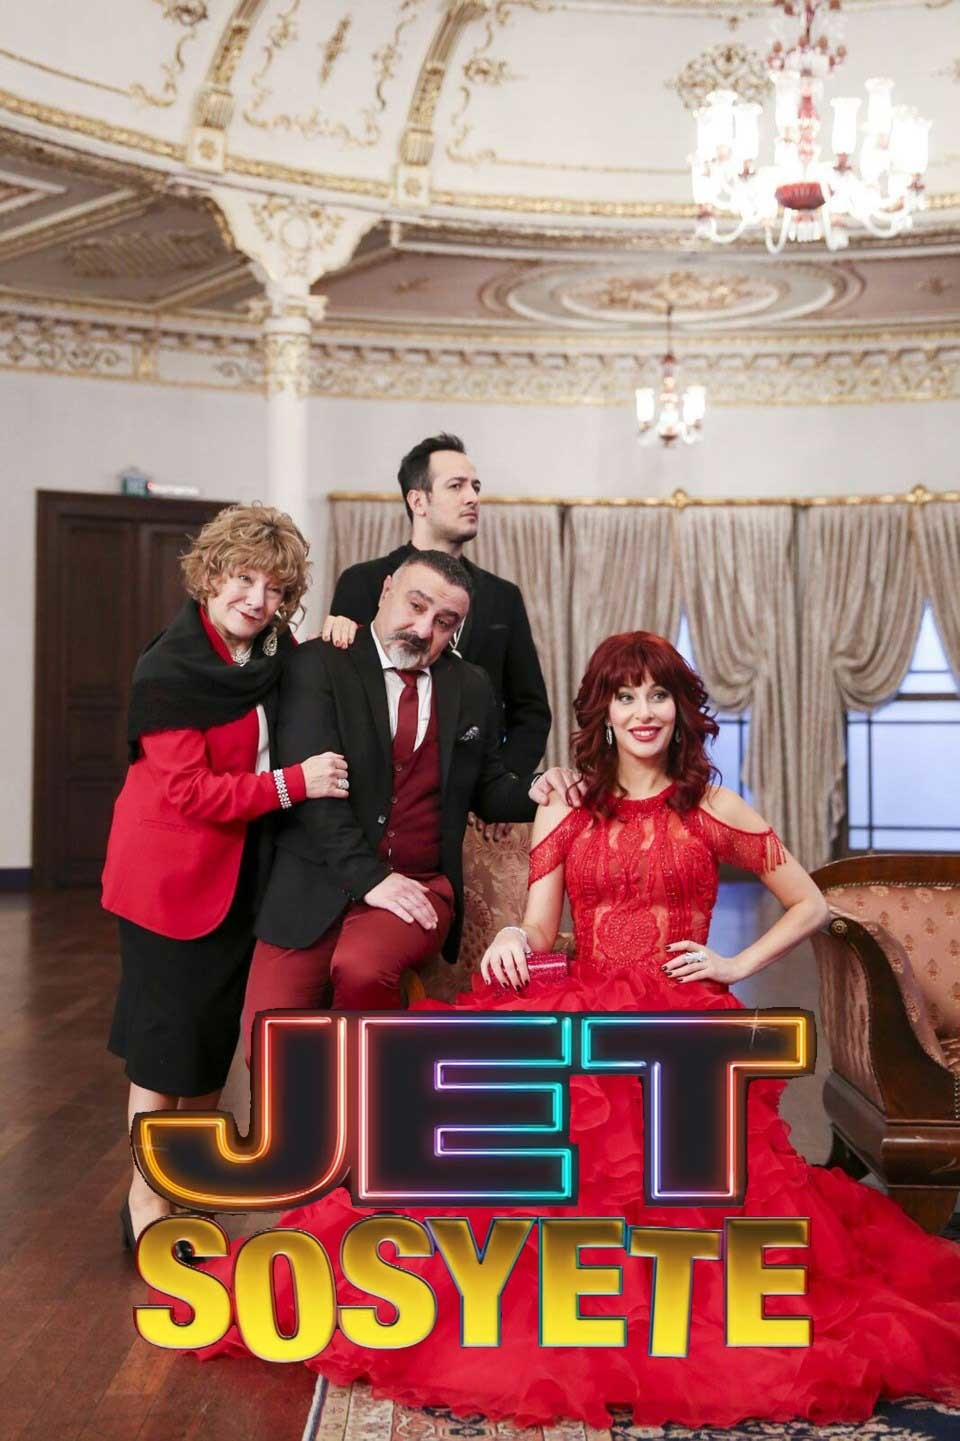 Jet Sosyete 5. Bölüm indir (18 Mart 2018) Yerli Dizi 720p Tek Link